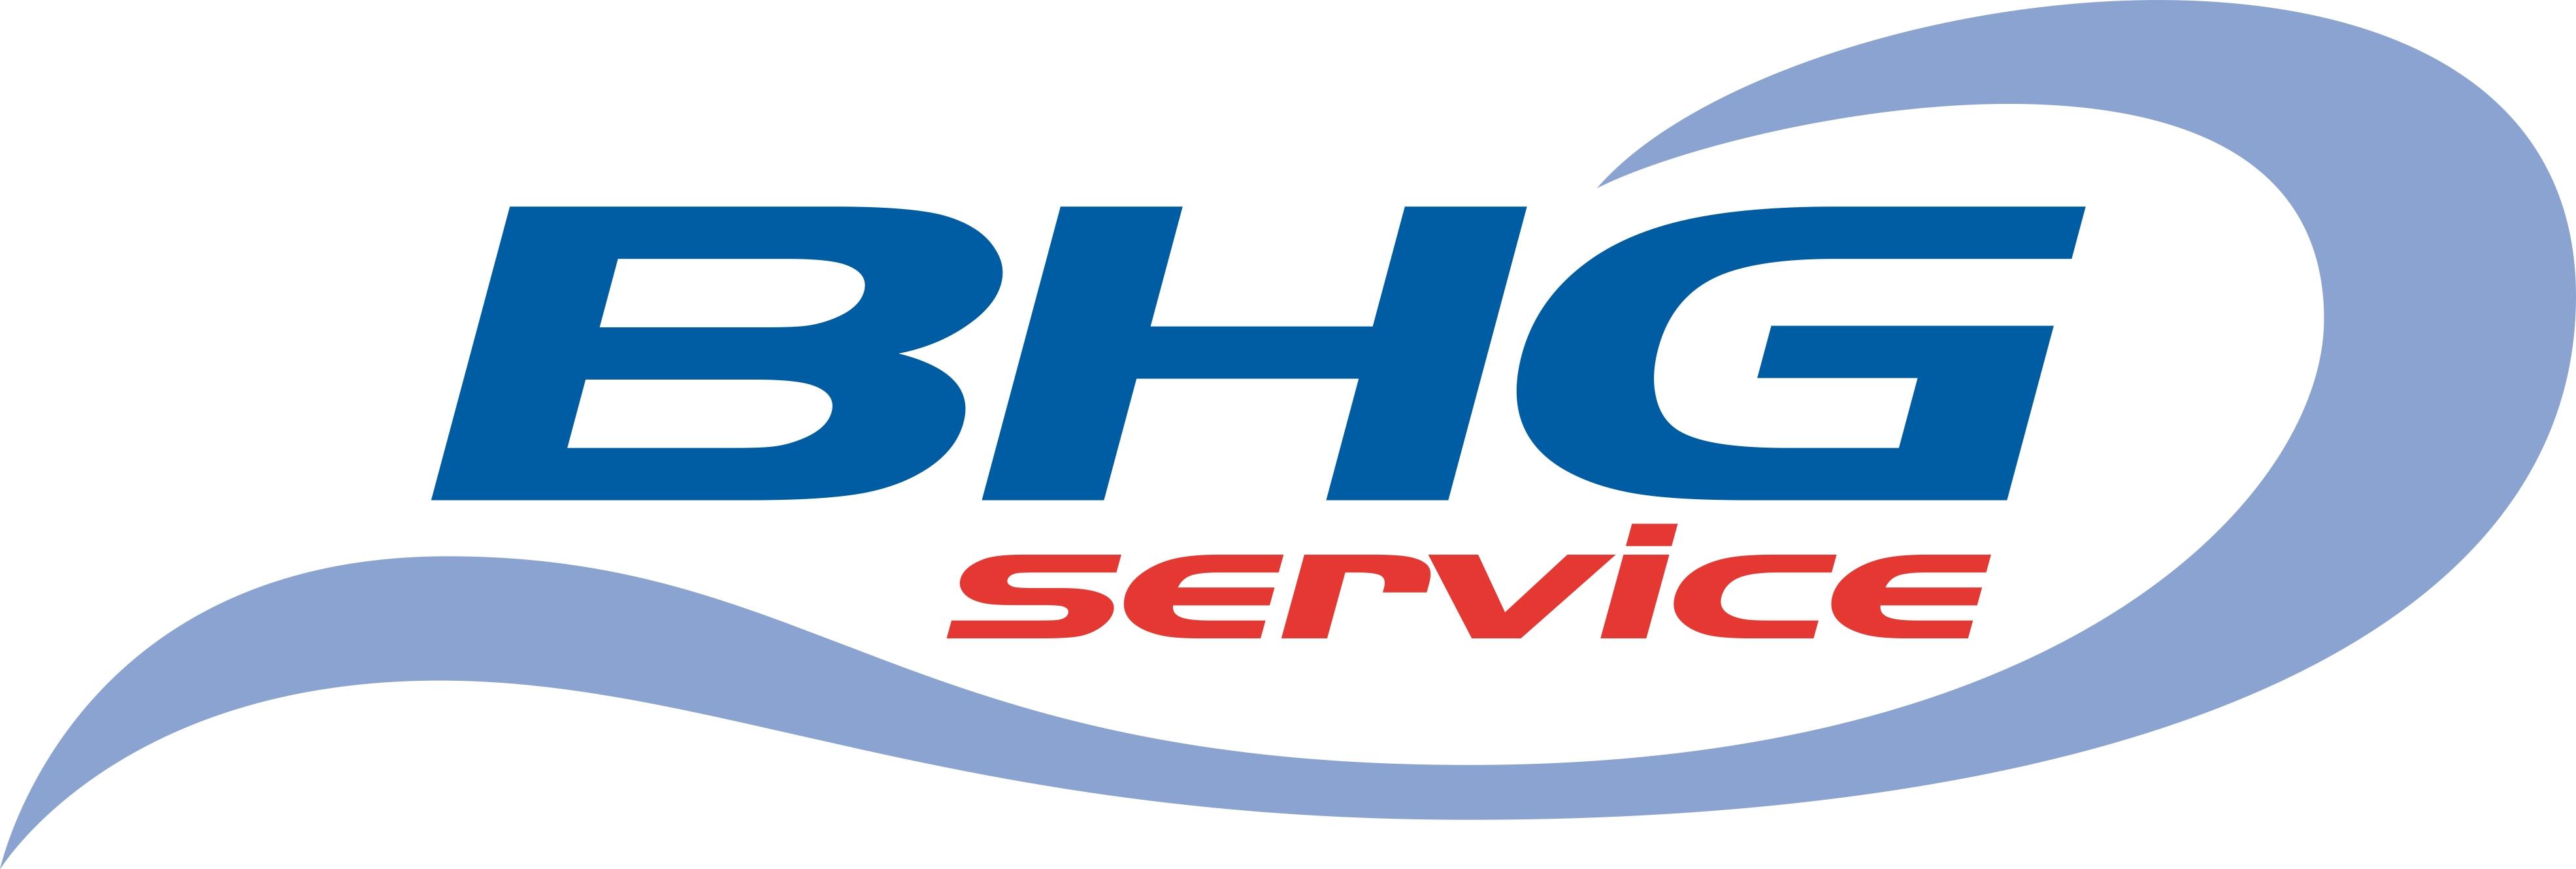 Bhg Comps Com Au Home Design